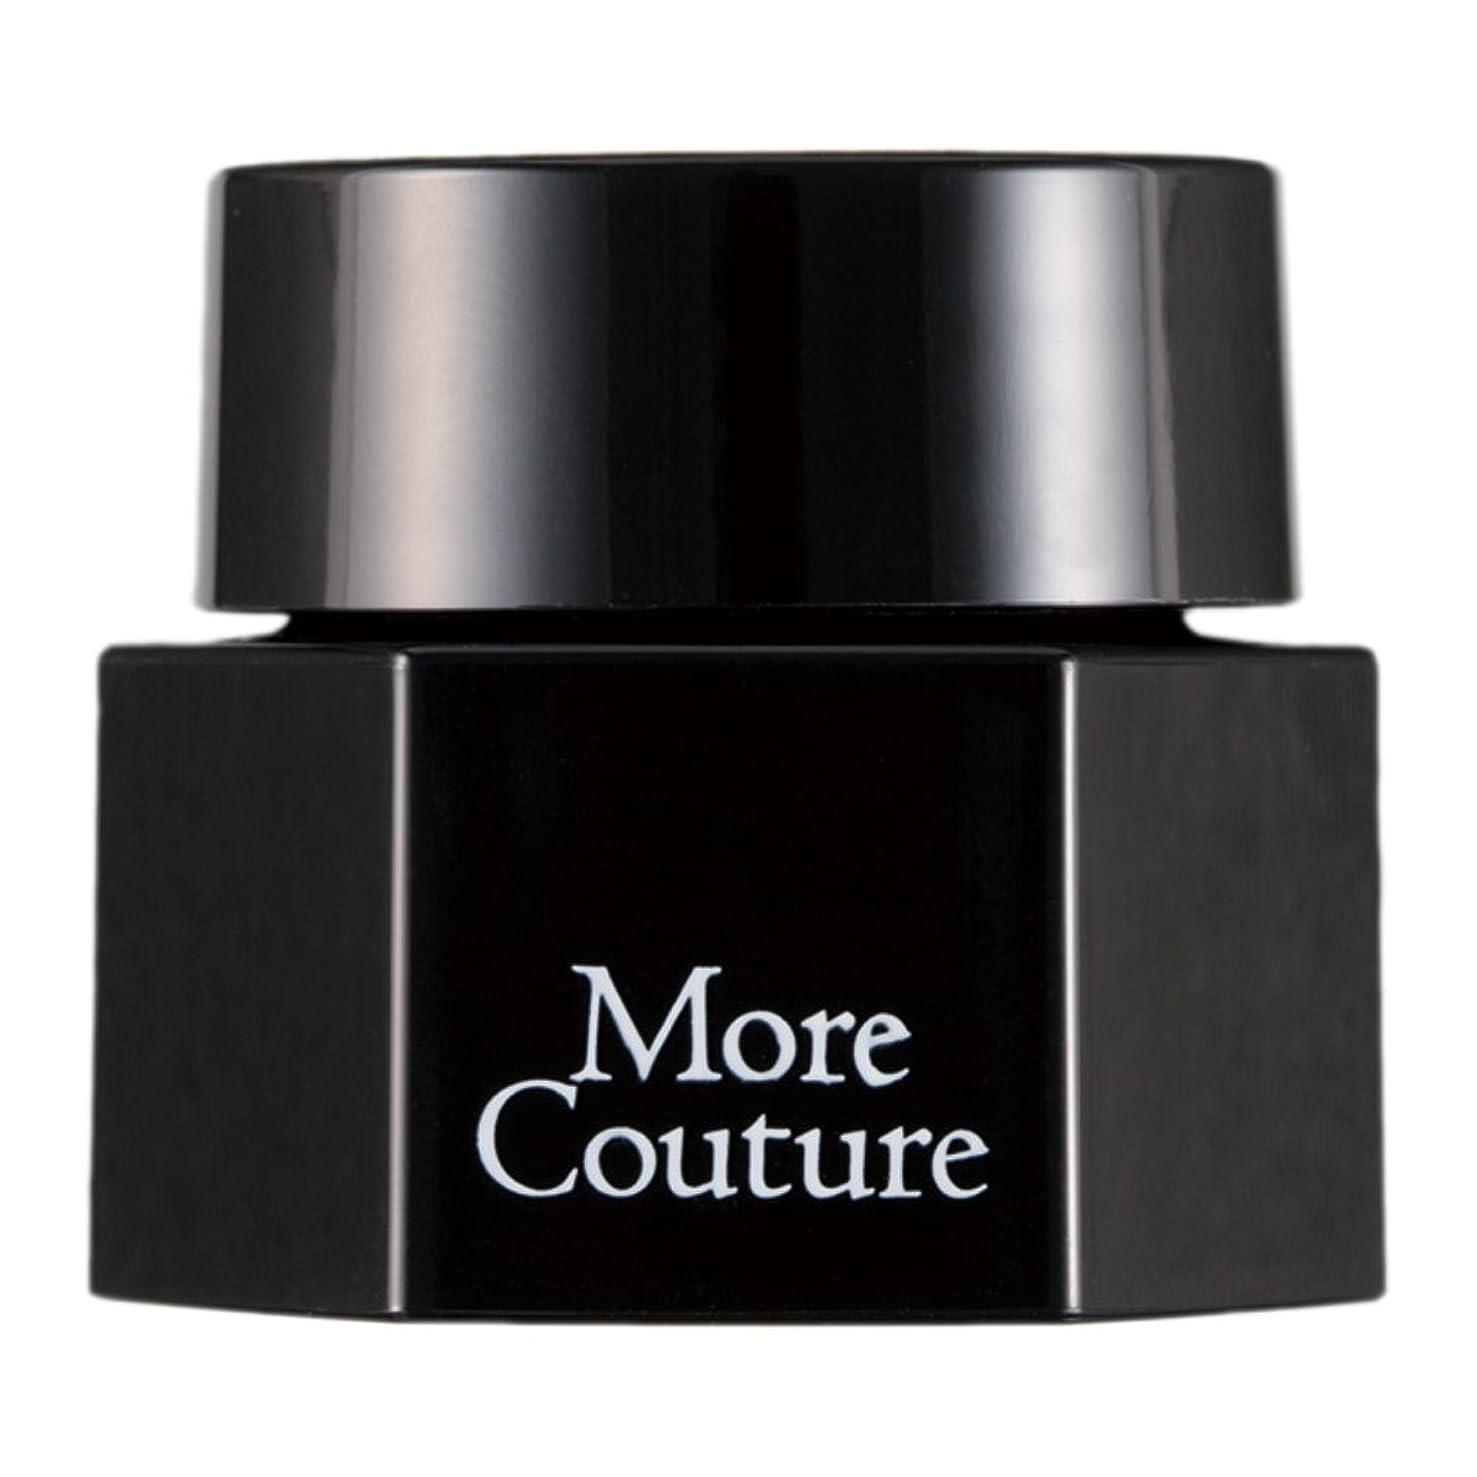 細断社交的芸術的More Couture MoreGel カラージェル 051 スモーキーグレー 5g